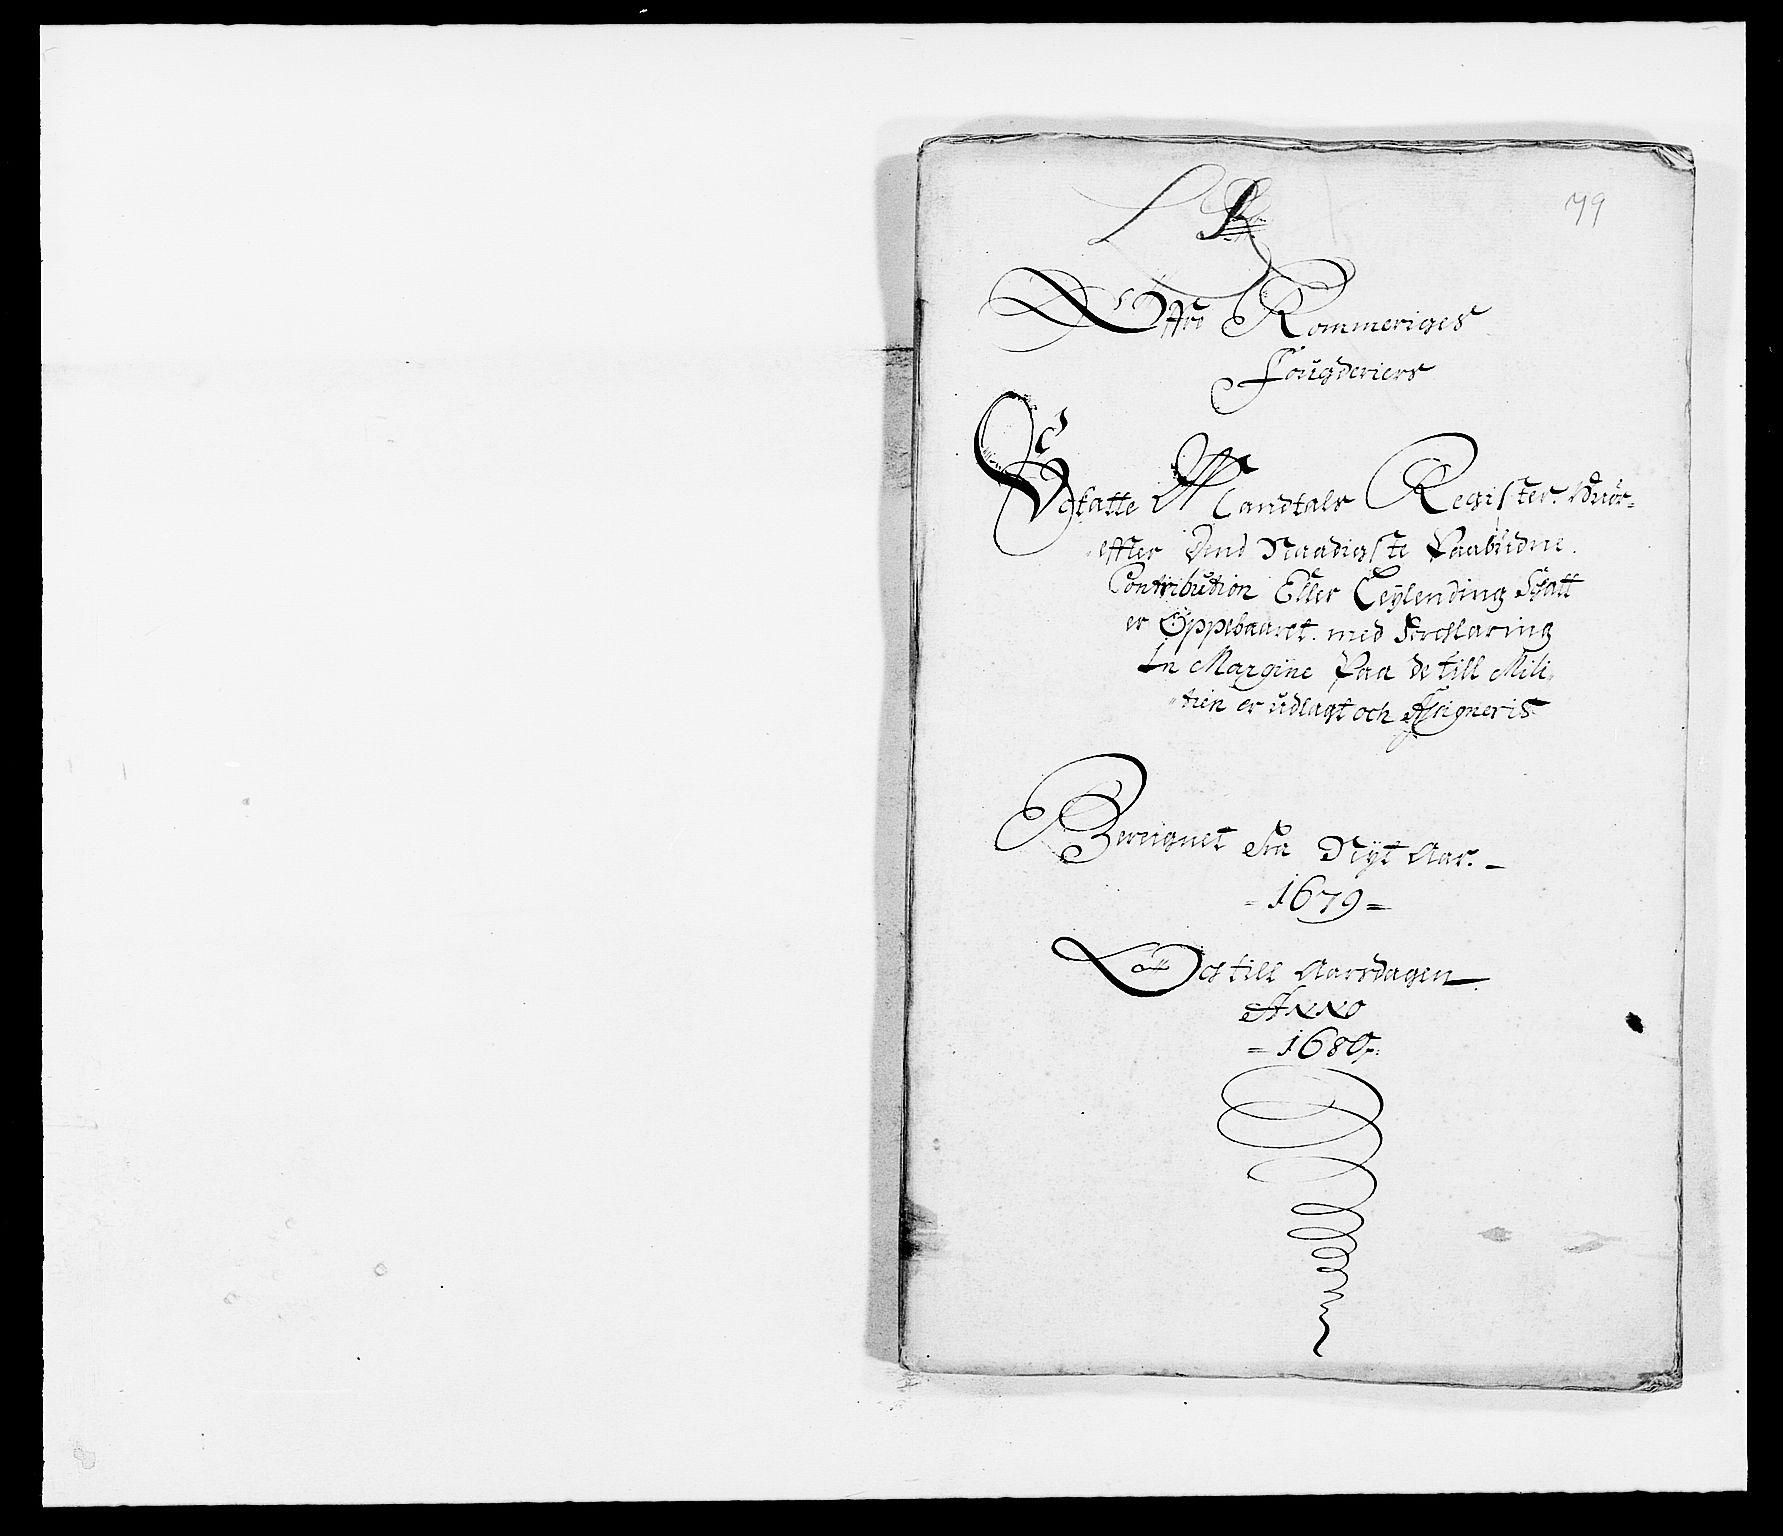 RA, Rentekammeret inntil 1814, Reviderte regnskaper, Fogderegnskap, R12/L0694: Fogderegnskap Øvre Romerike, 1678-1679, s. 36